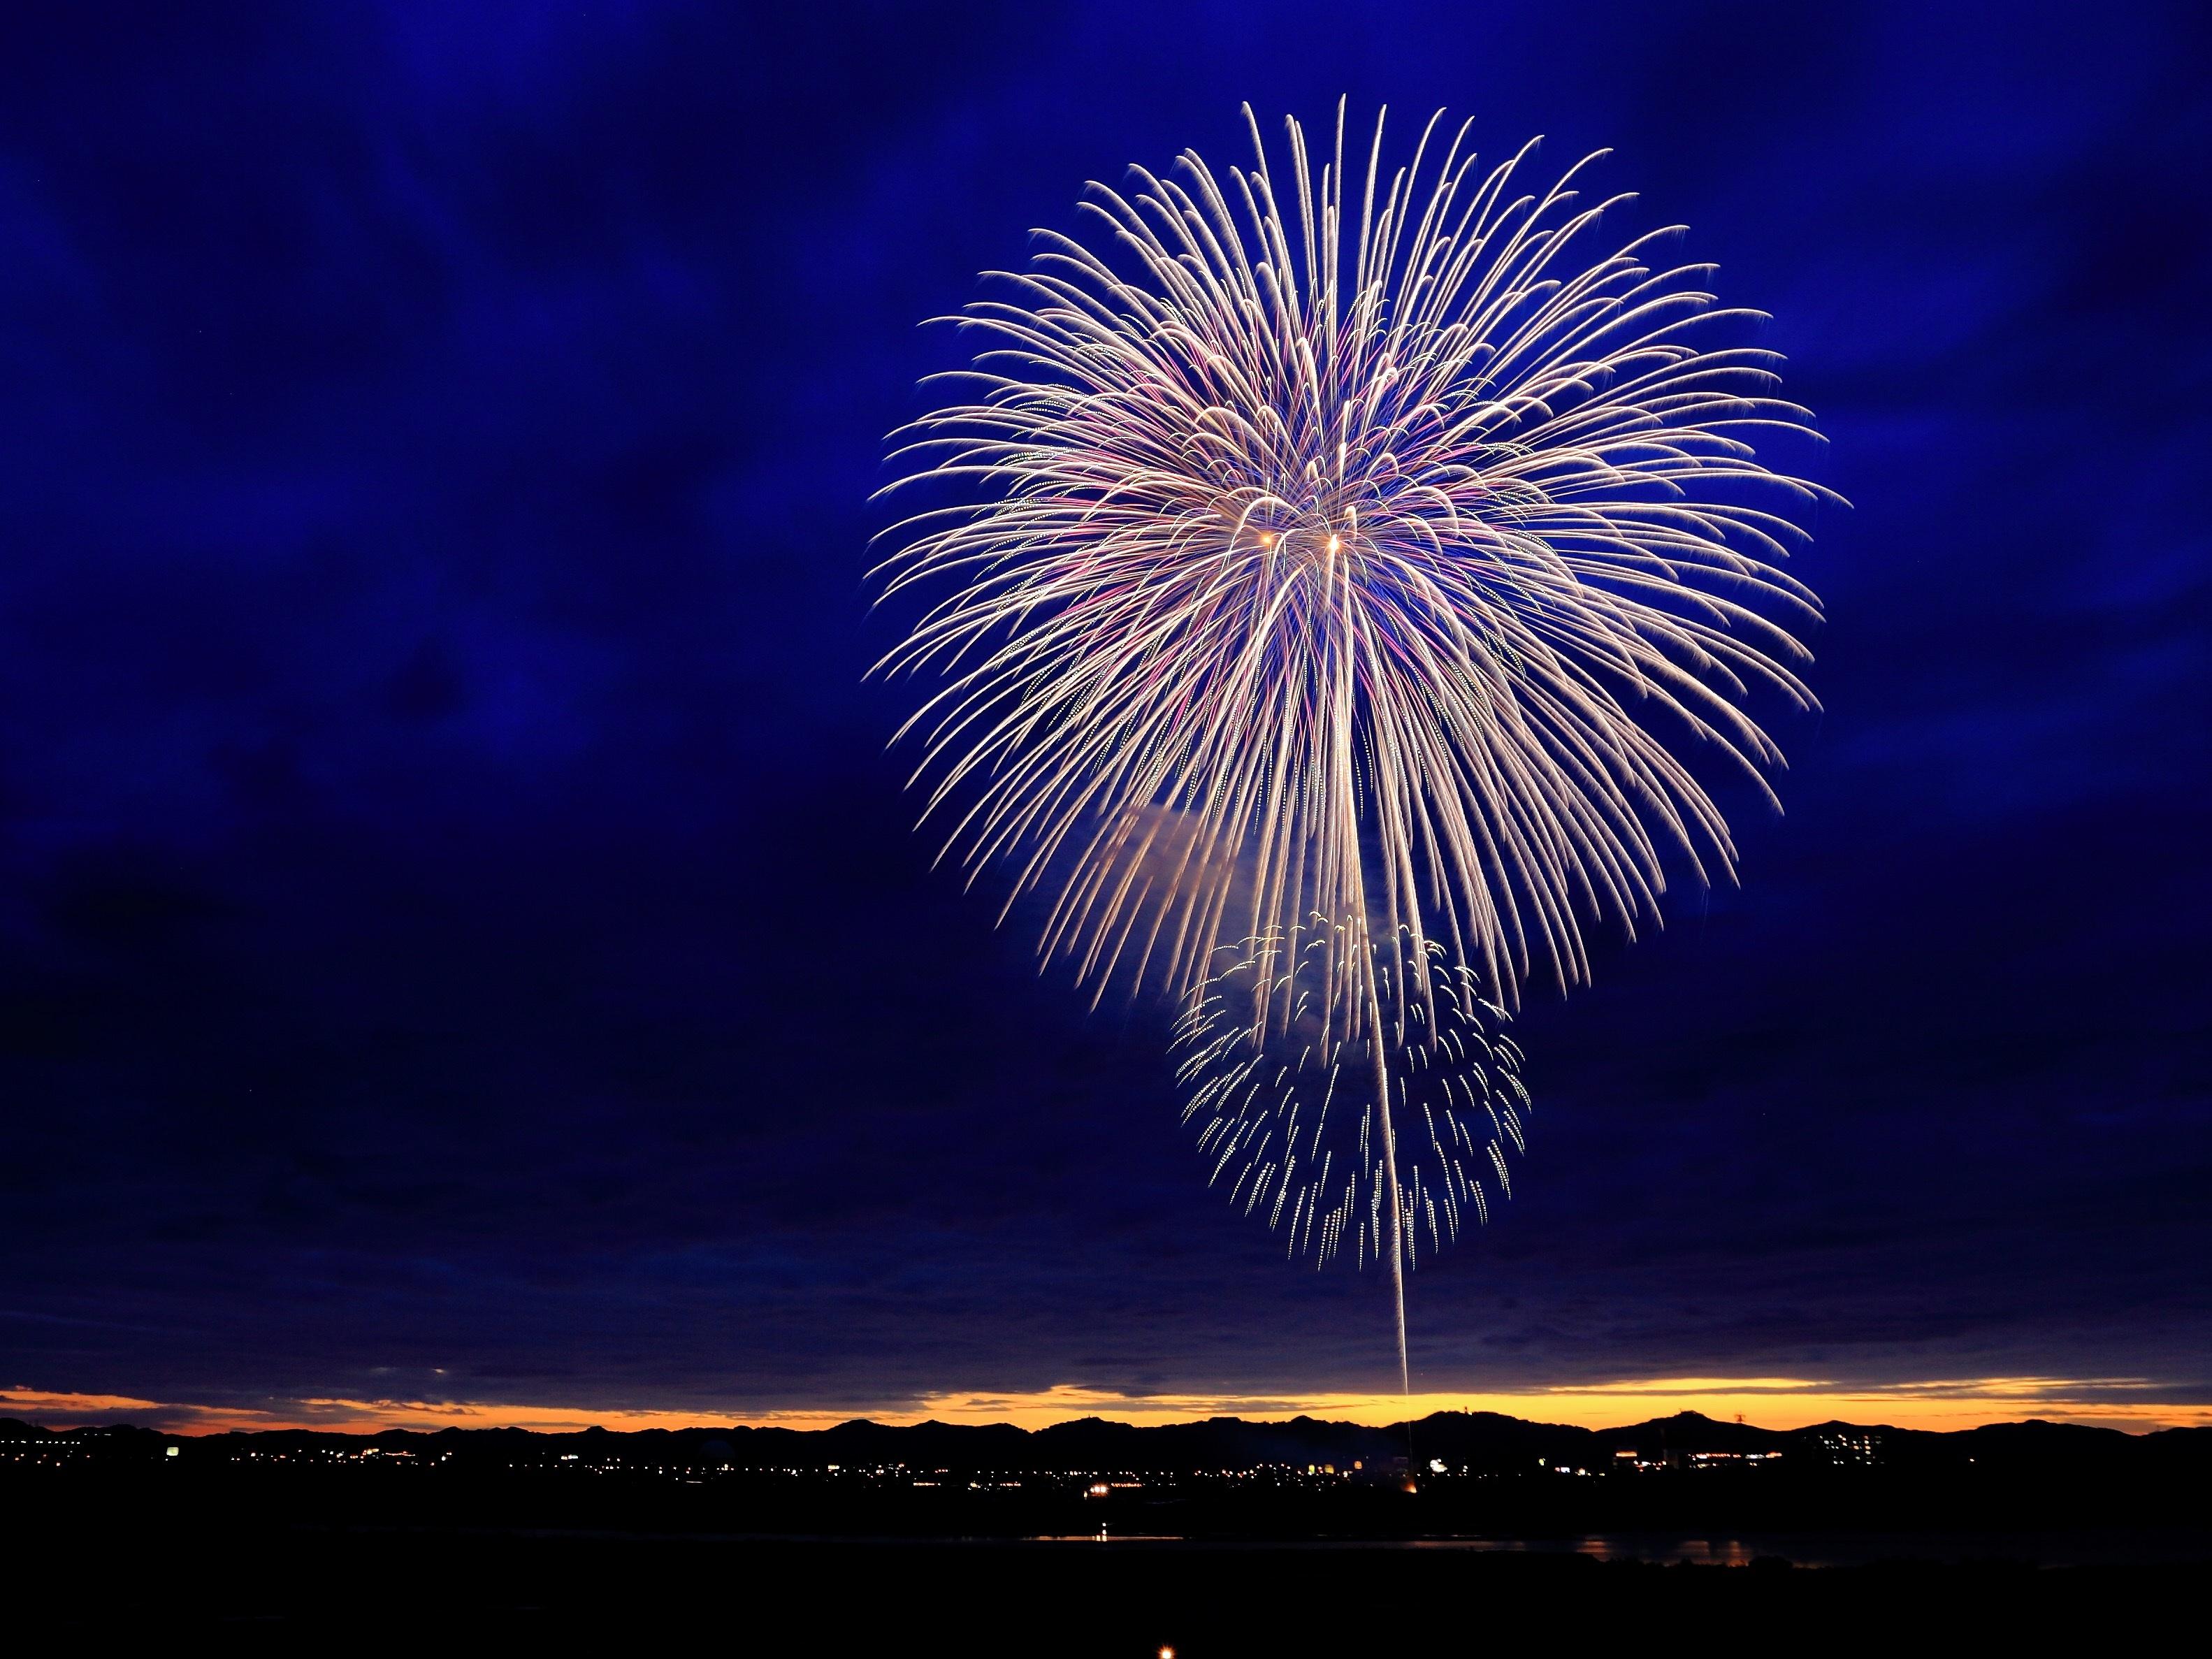 Feuerwerk vor dunkelblauem Himmel